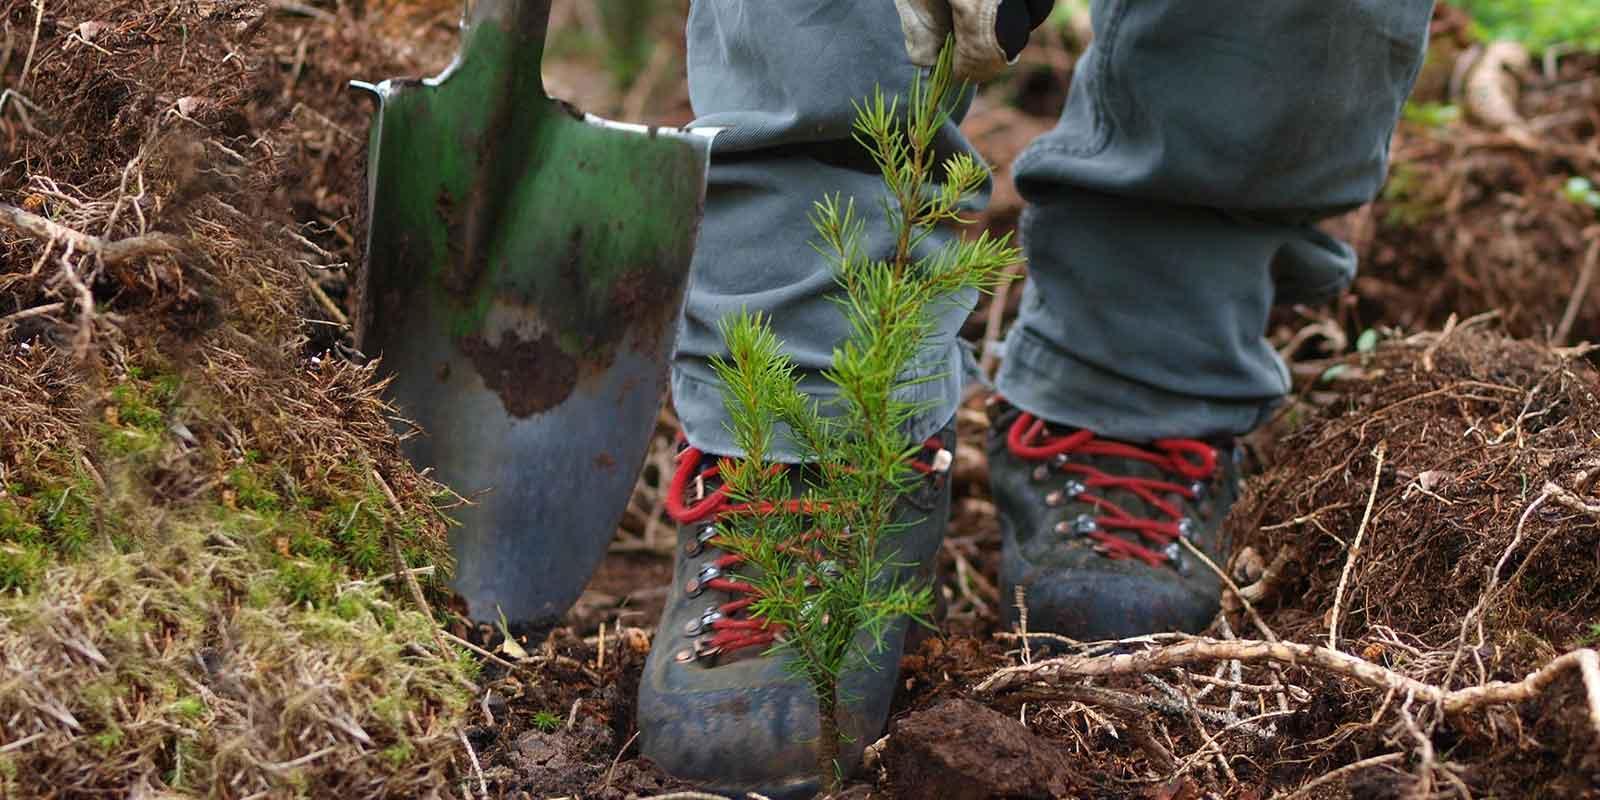 Szpadle wklęsłe & motyki. Szpadle sadzeniowe i porównanie metod sadzenia drzew